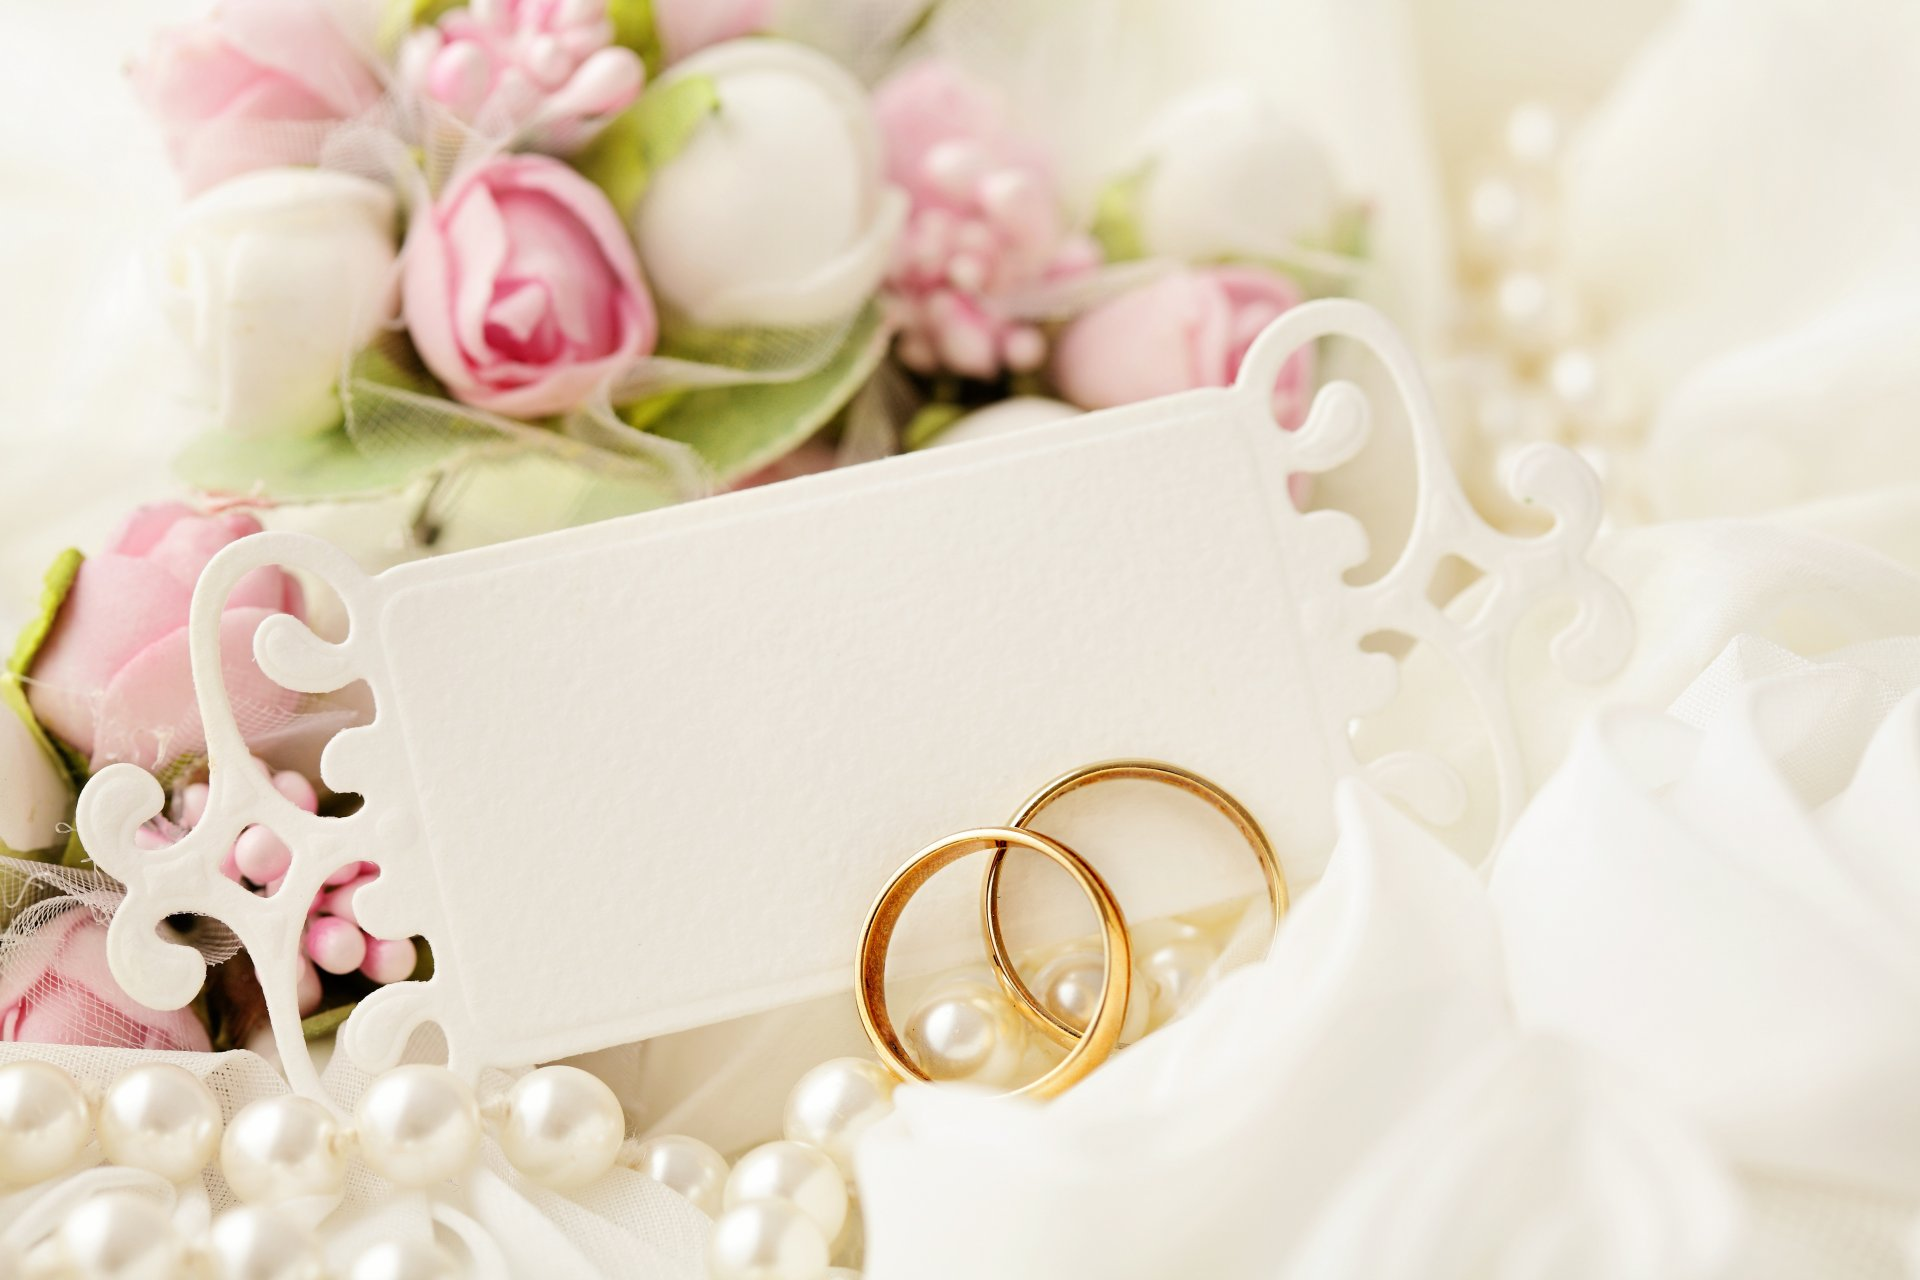 Нежные картинки со свадьбой, марта любимым